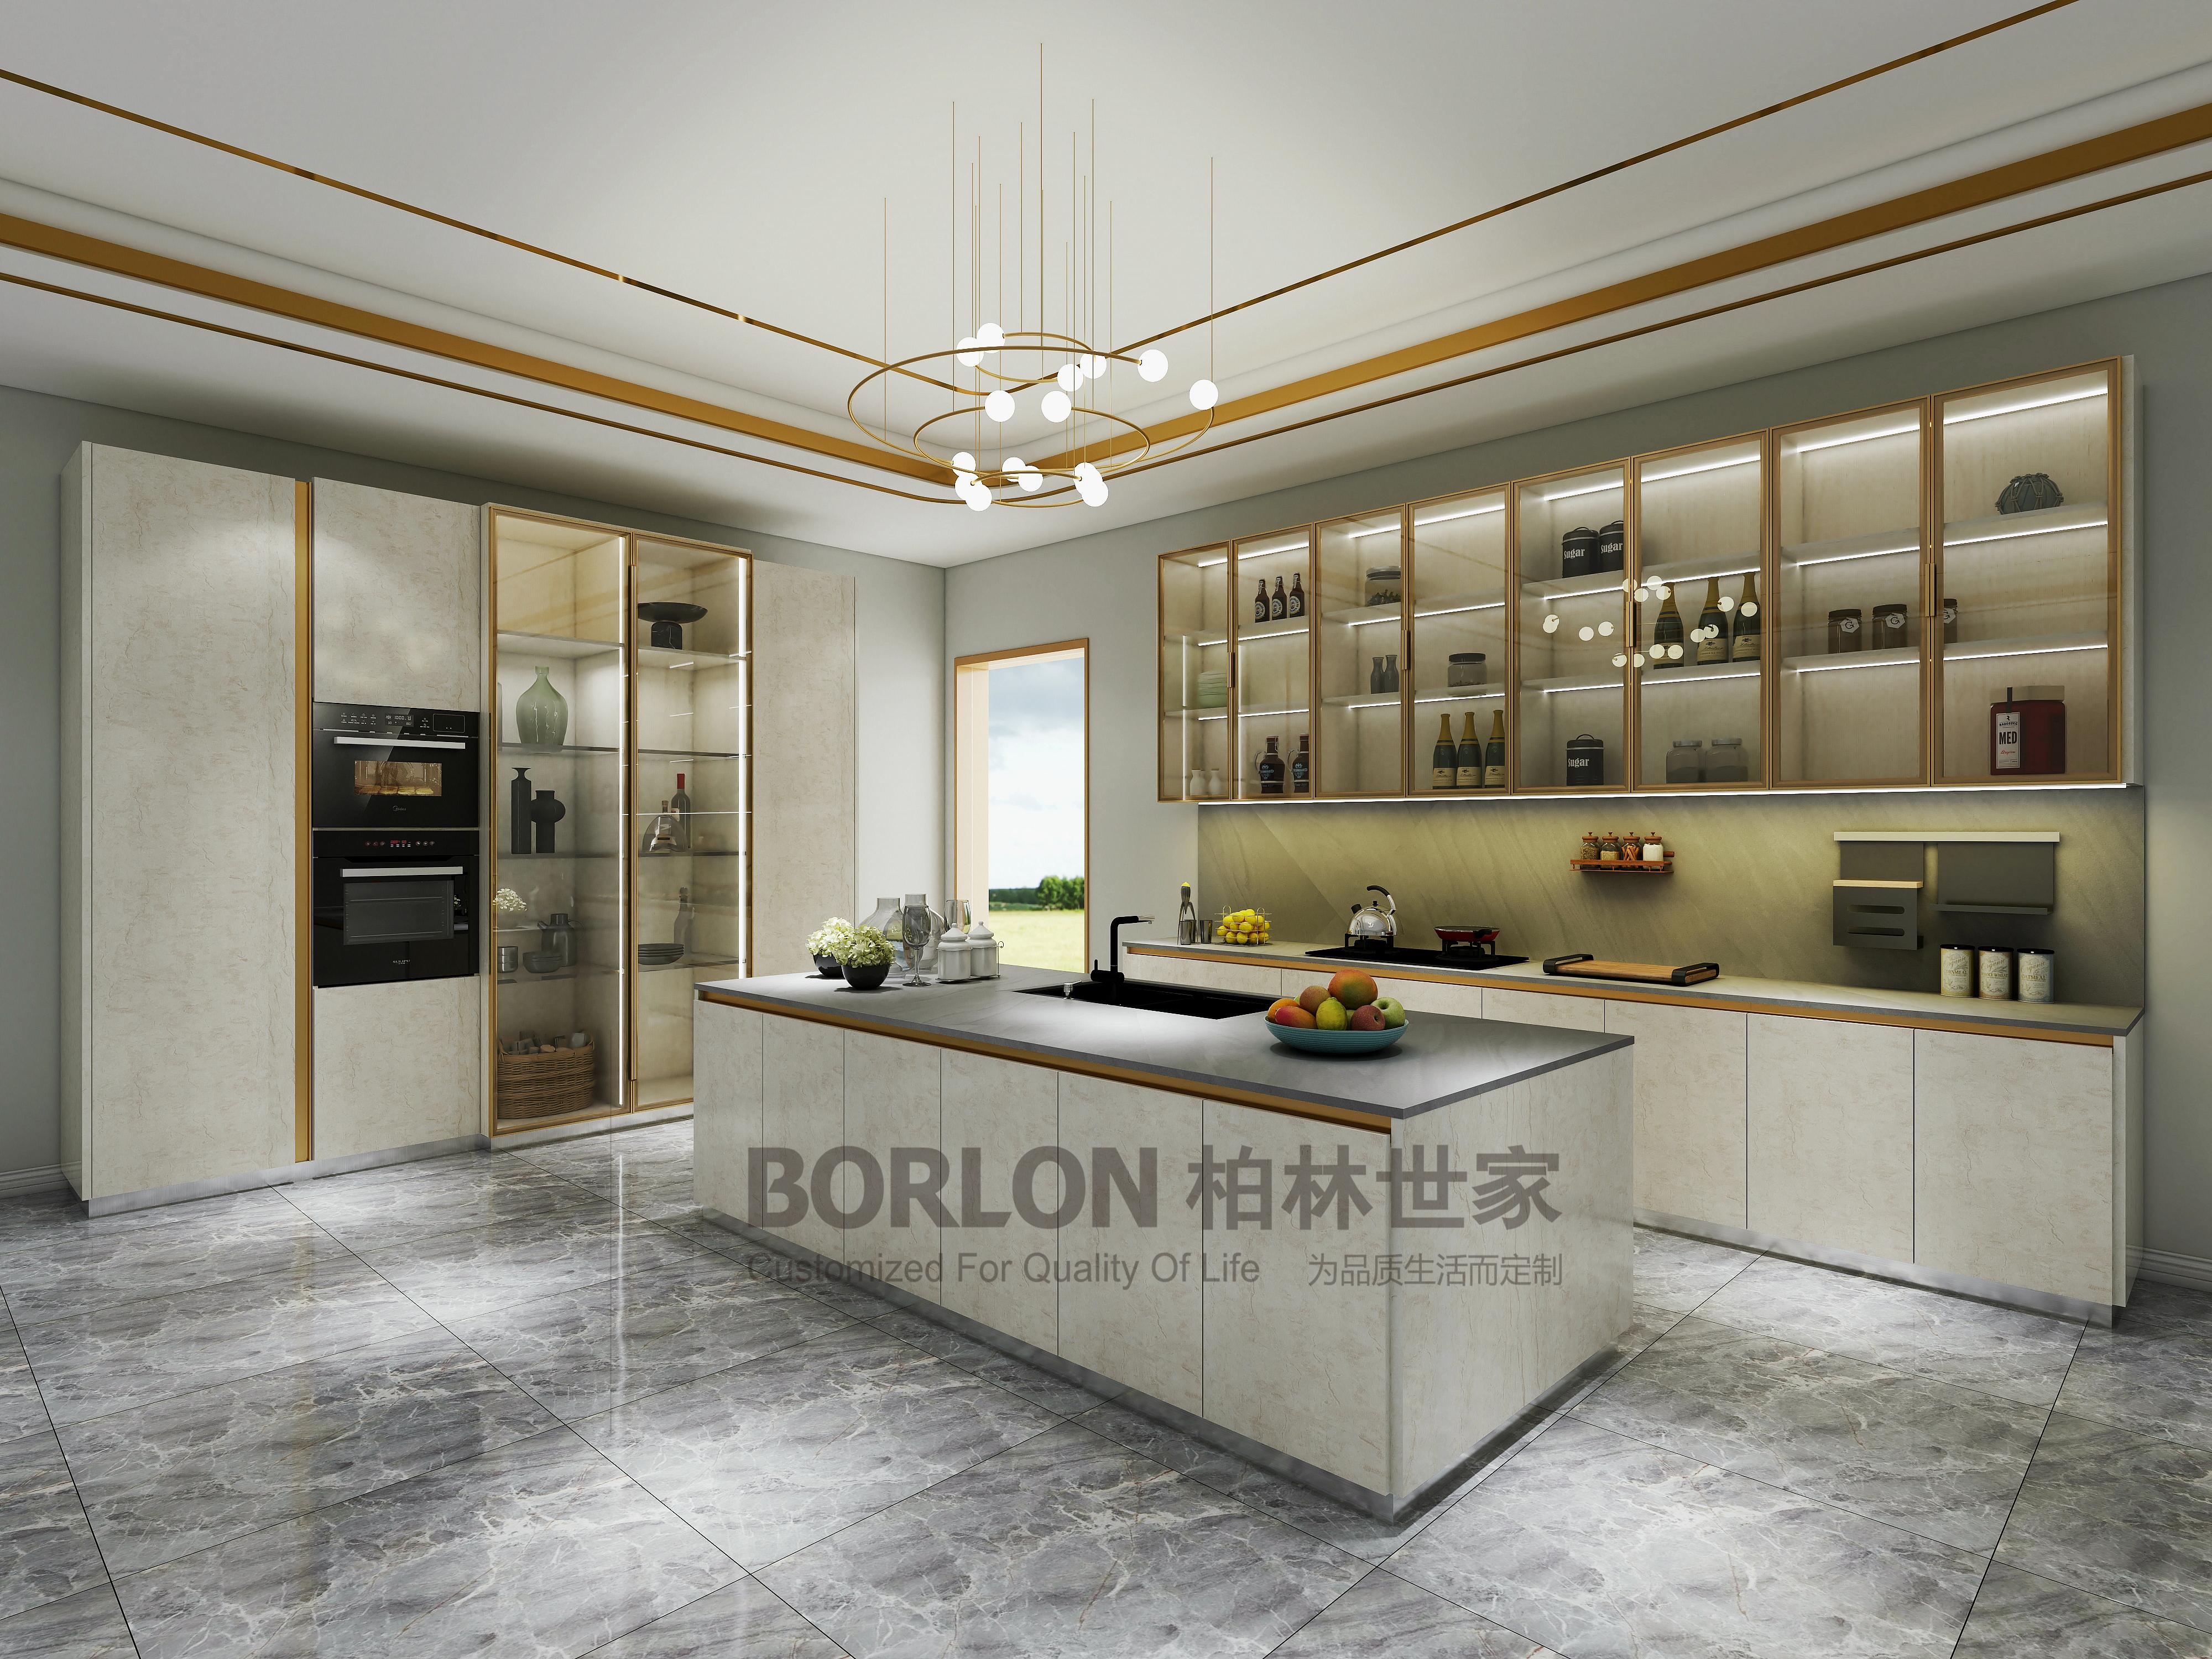 柏林世家|装修厨房一定要知道的五个原则,别怪我没告诉你!